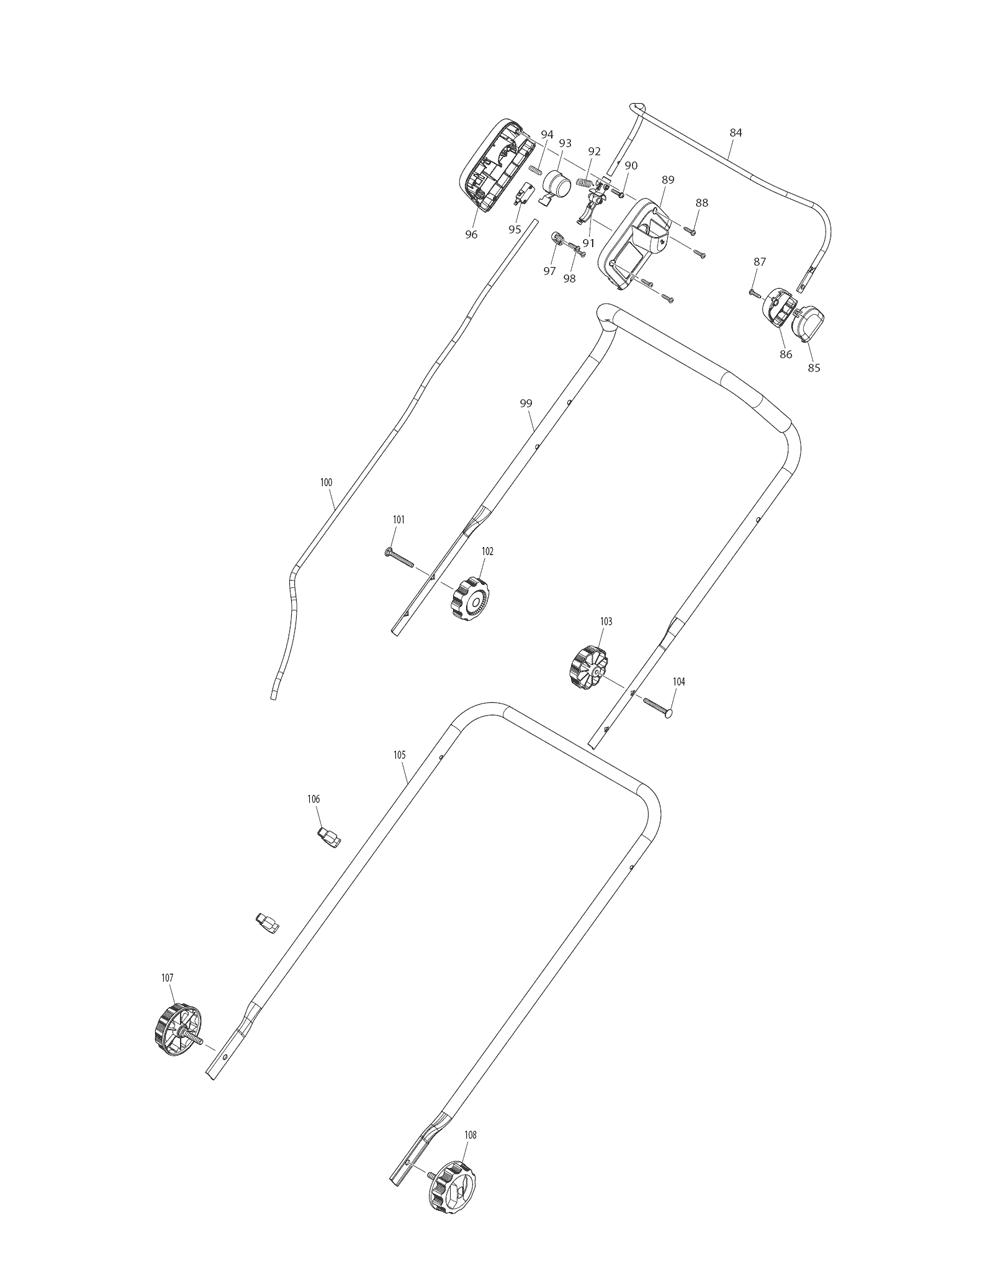 HML01ZX2-T1-Makita-PB-2Break Down